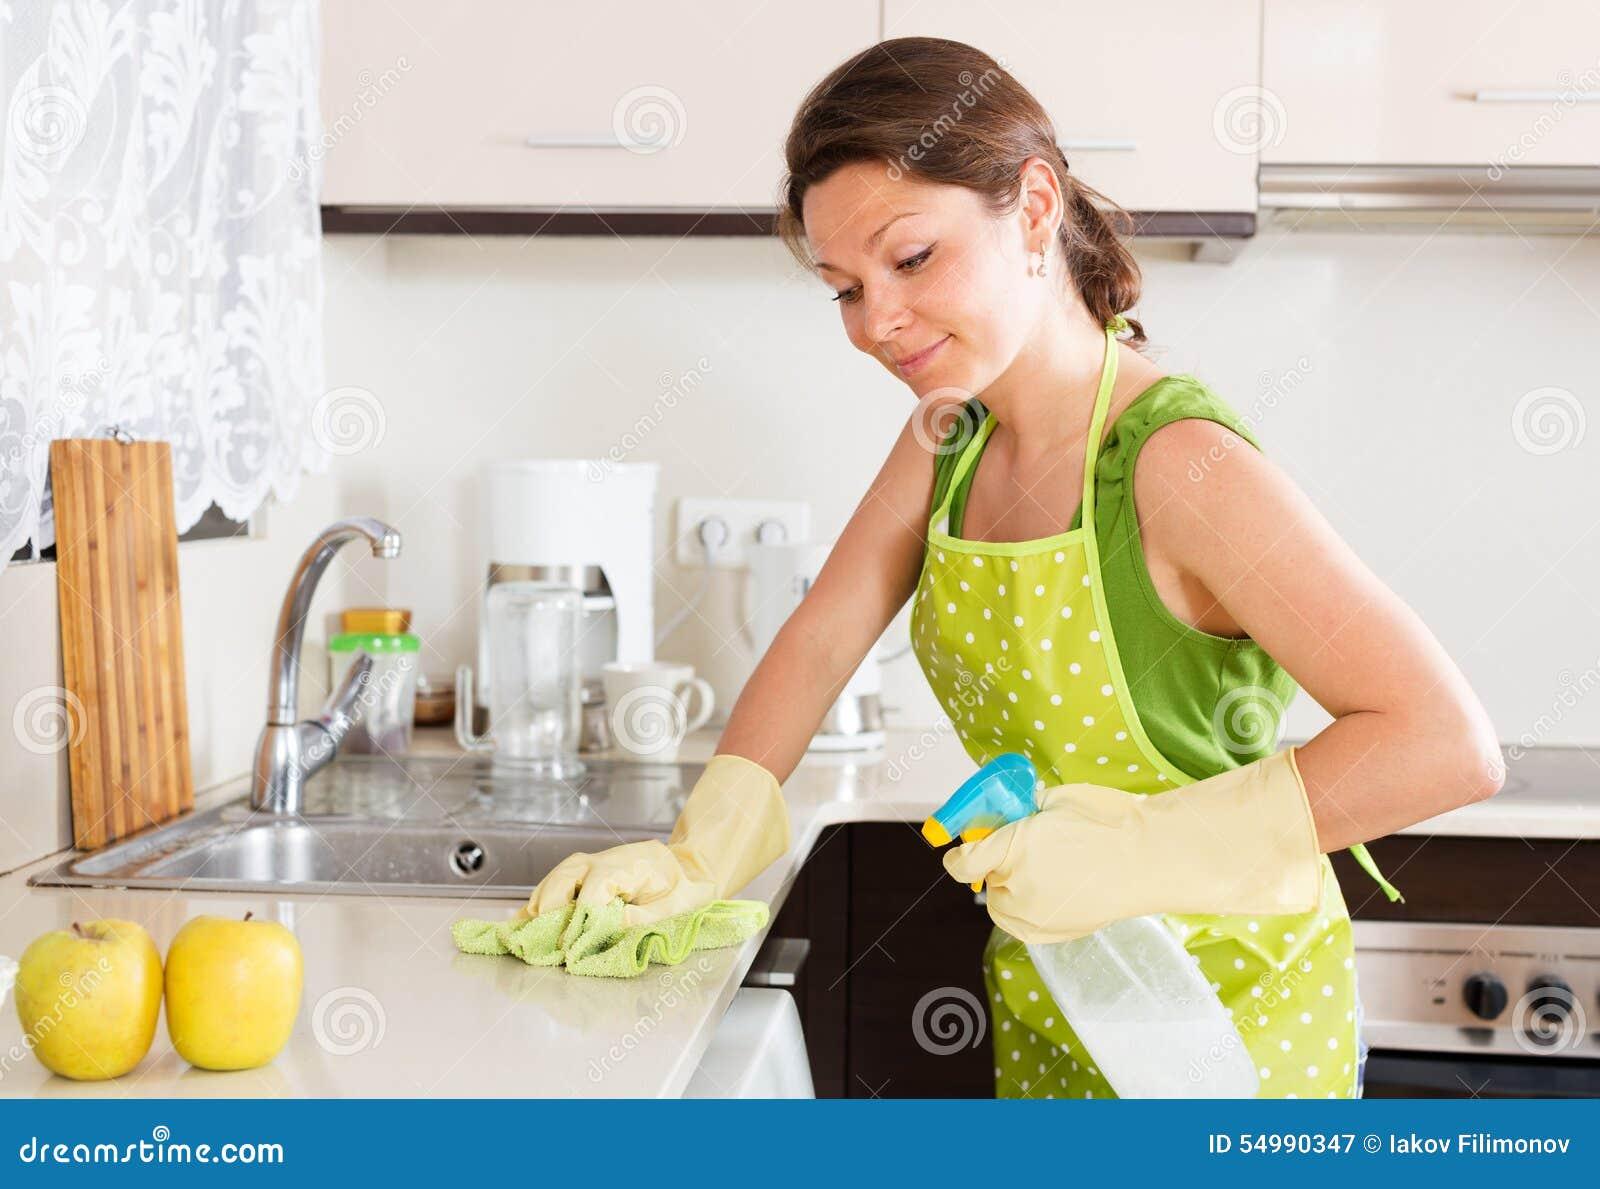 Muebles sonrientes de la limpieza del ama de casa en - Imagenes de limpieza de casas ...